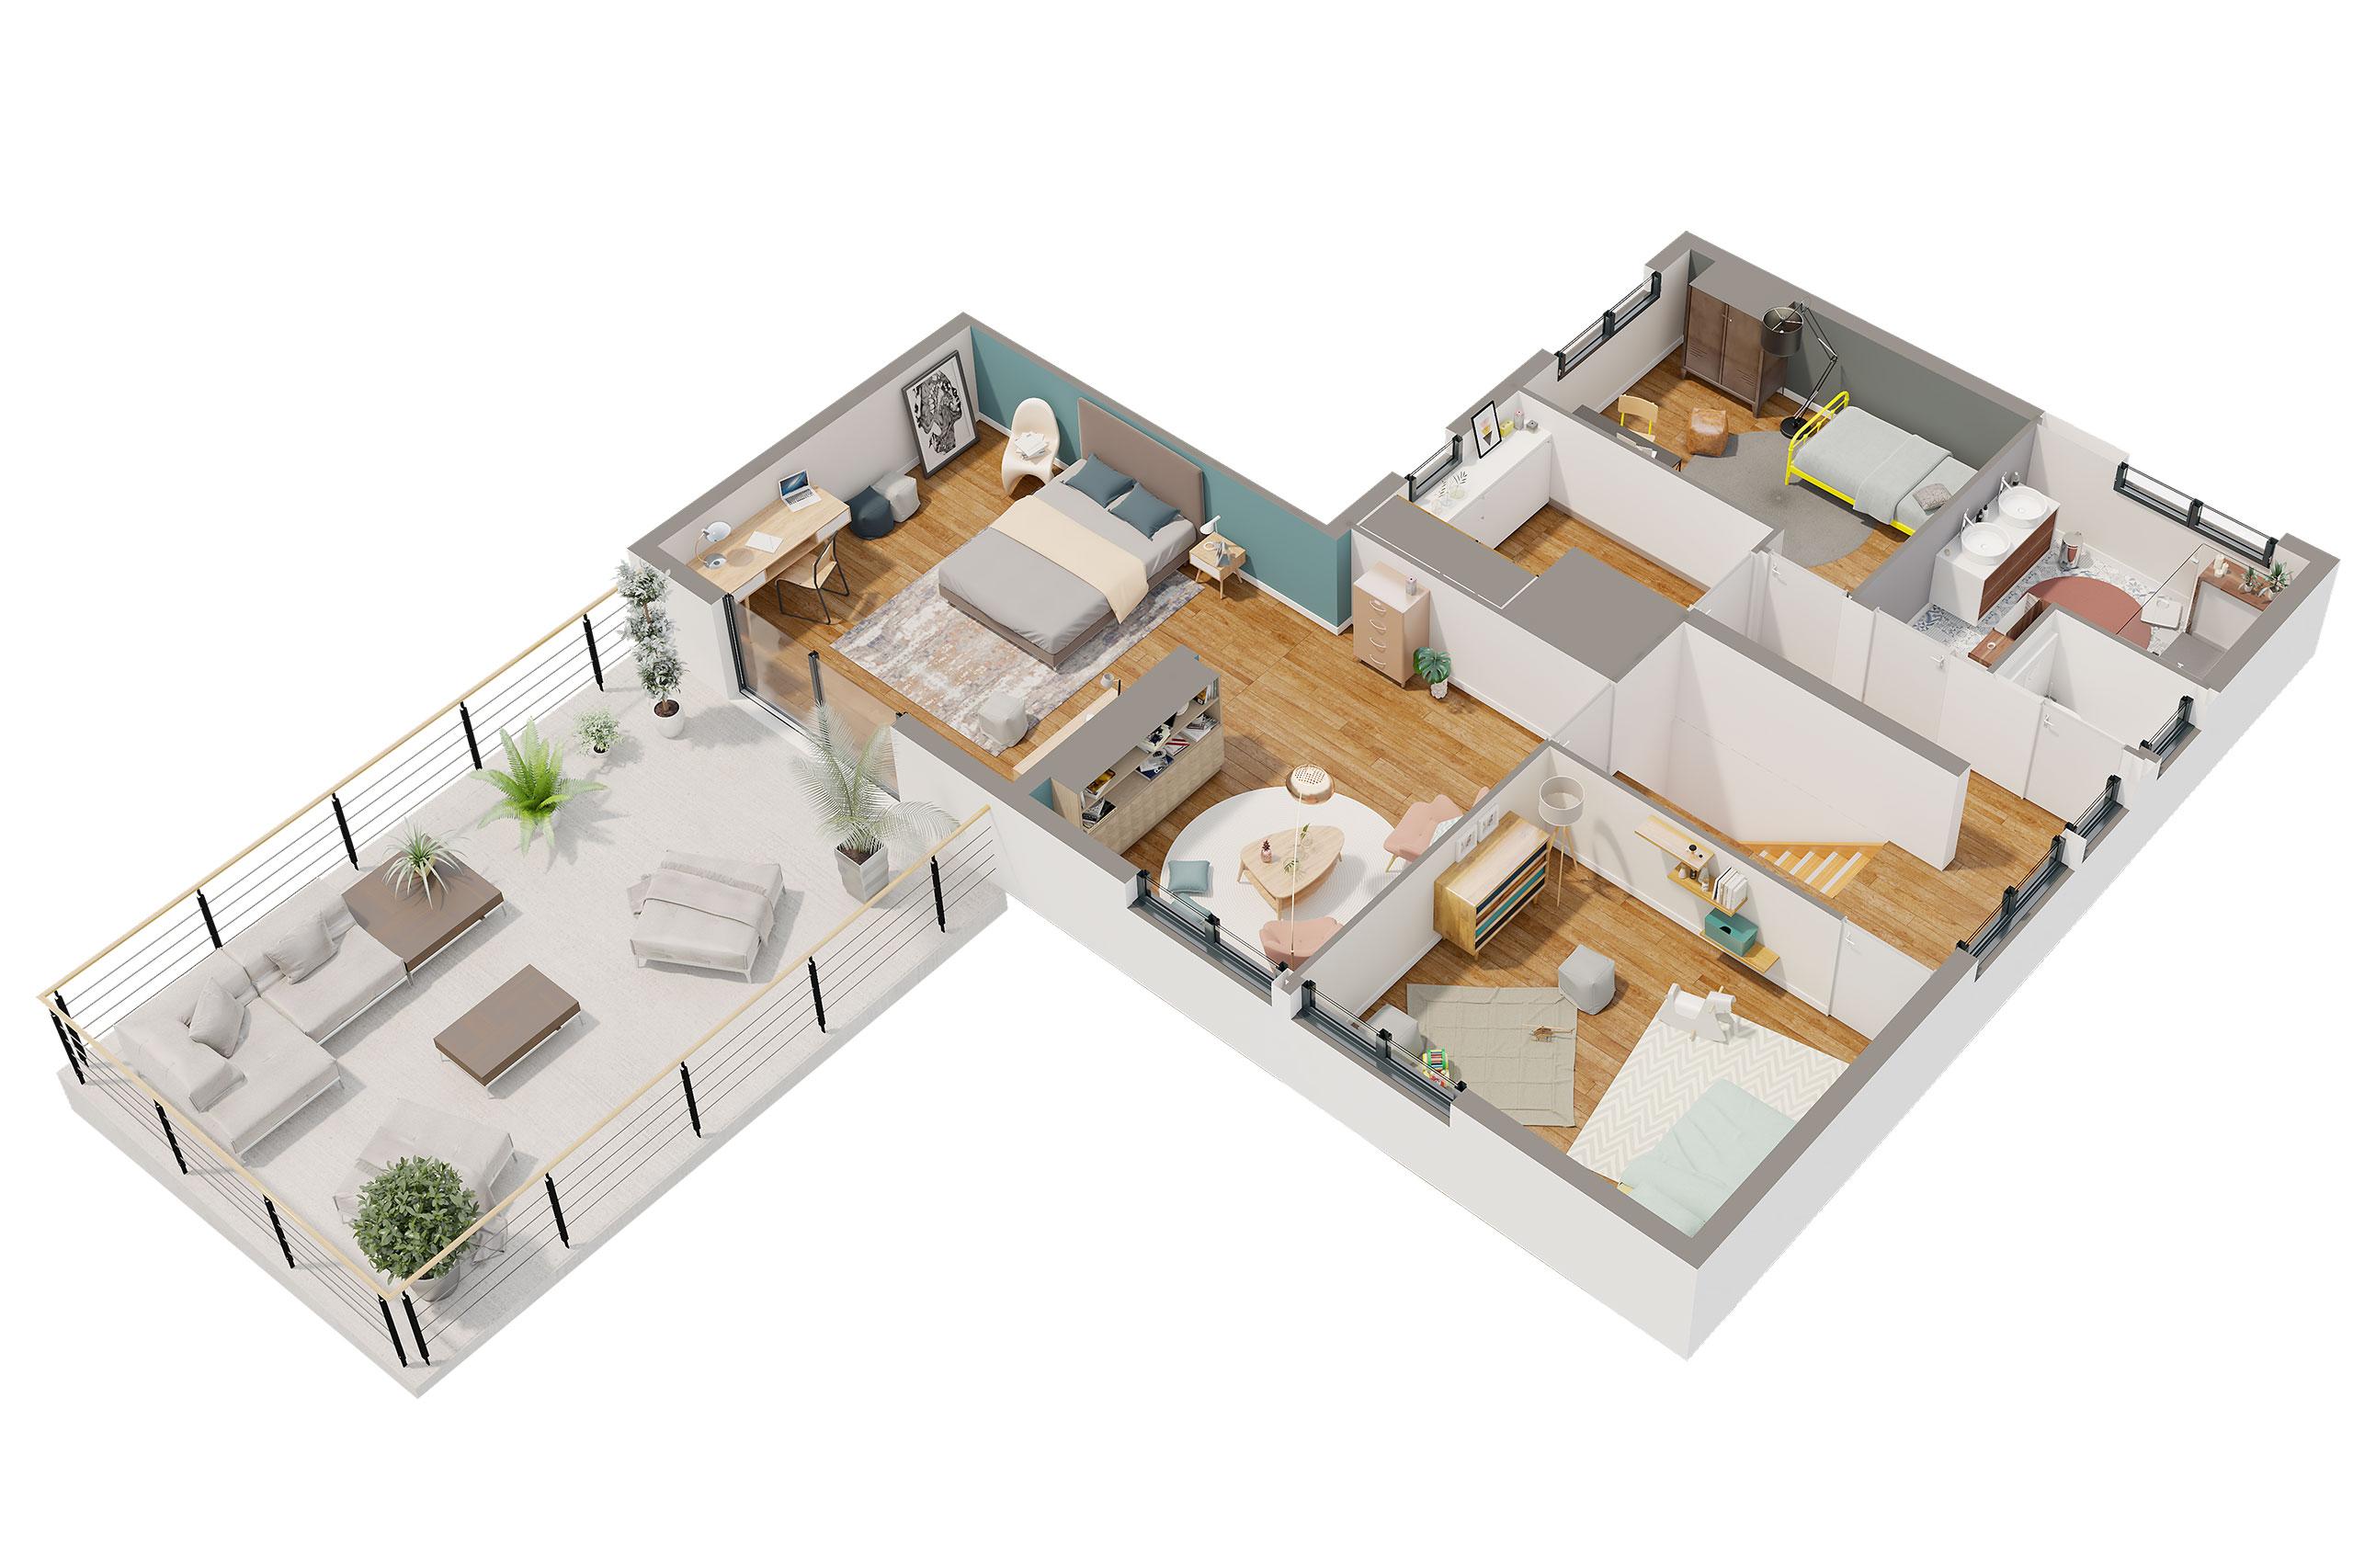 Maison Contemporaine Etage Albizia Avec Plans Demeures D Aquitaine Constructeur Maison Individuelle Nouvelle Aquitaine